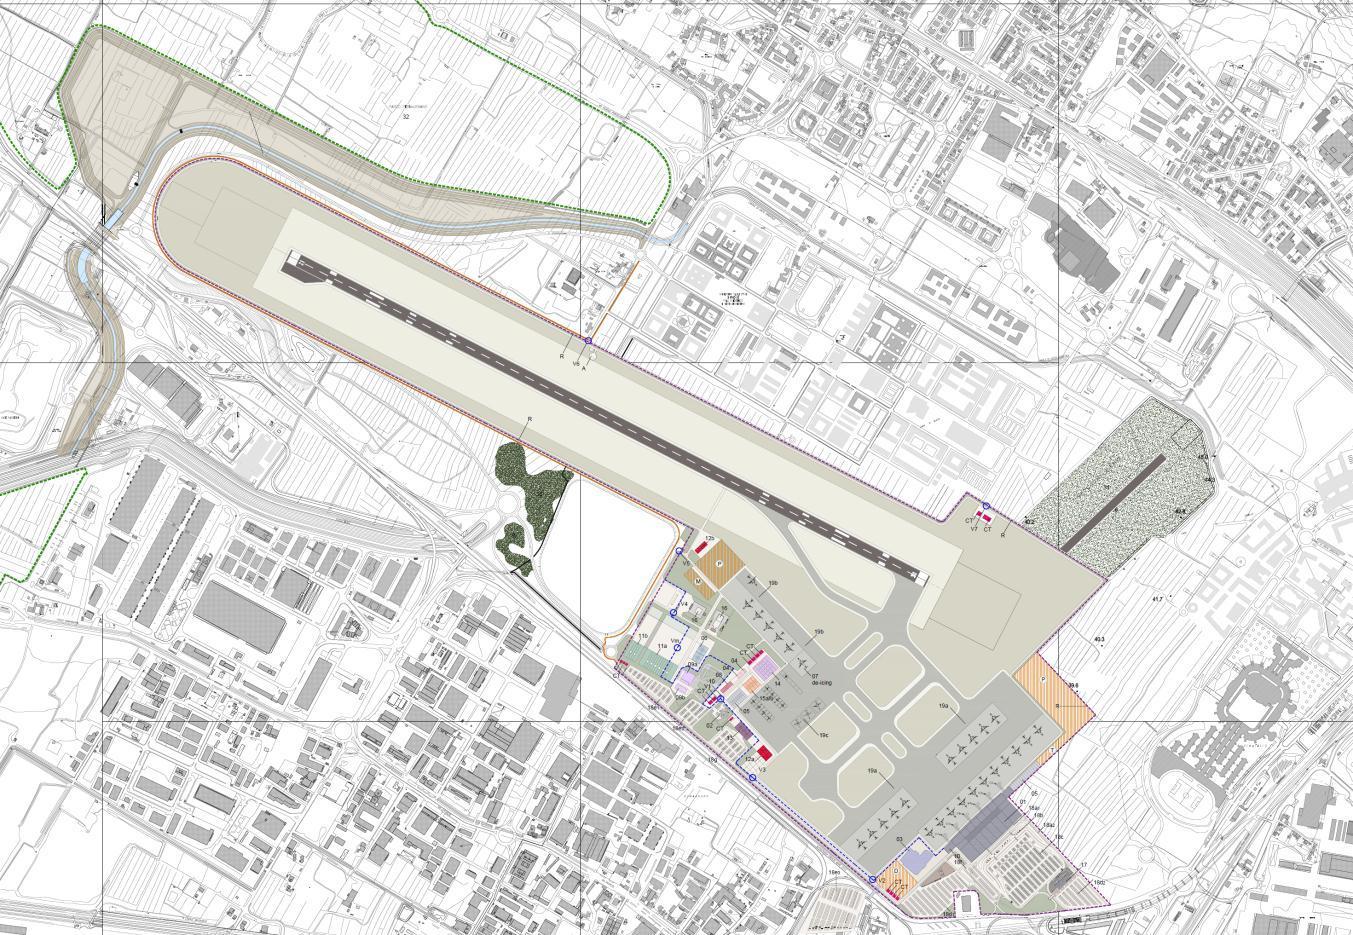 Aeroporto Firenze : L aereoporto di firenze e la favola del tritone crestato